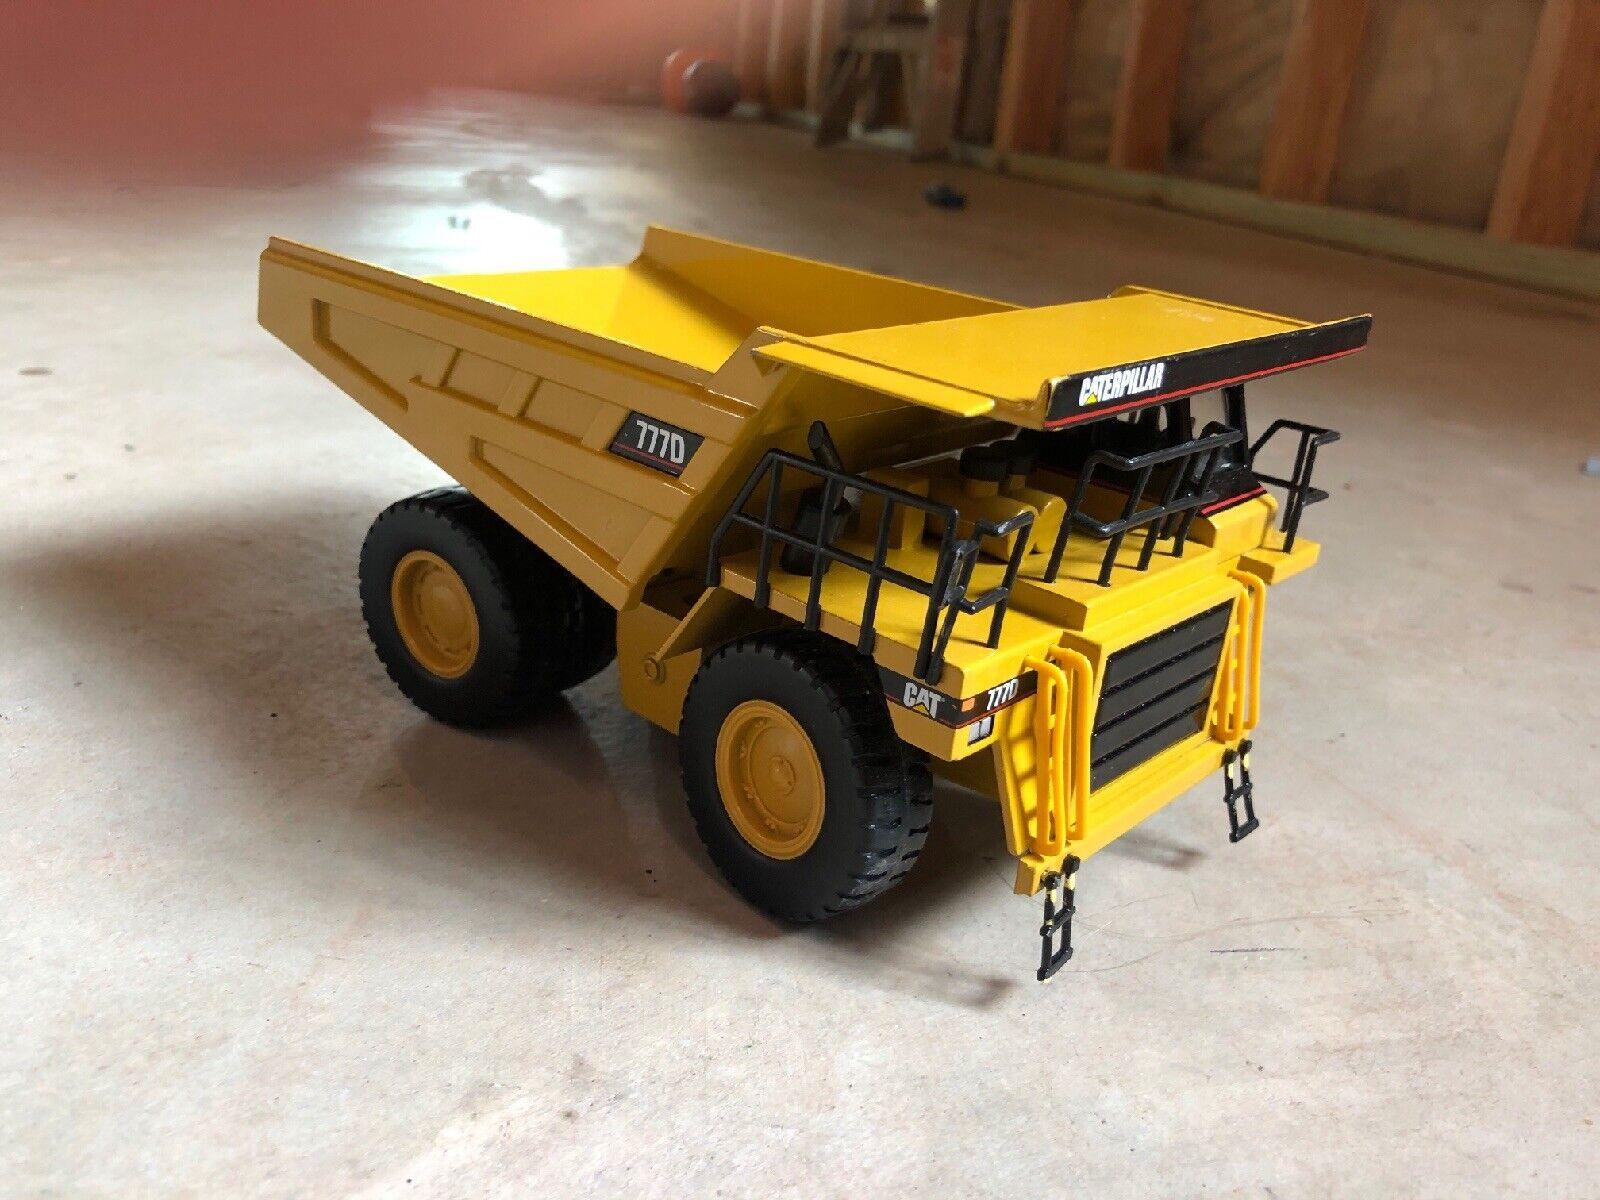 1 50 Norscot Cat Caterpillar 777D Haul Truck Dump Truck